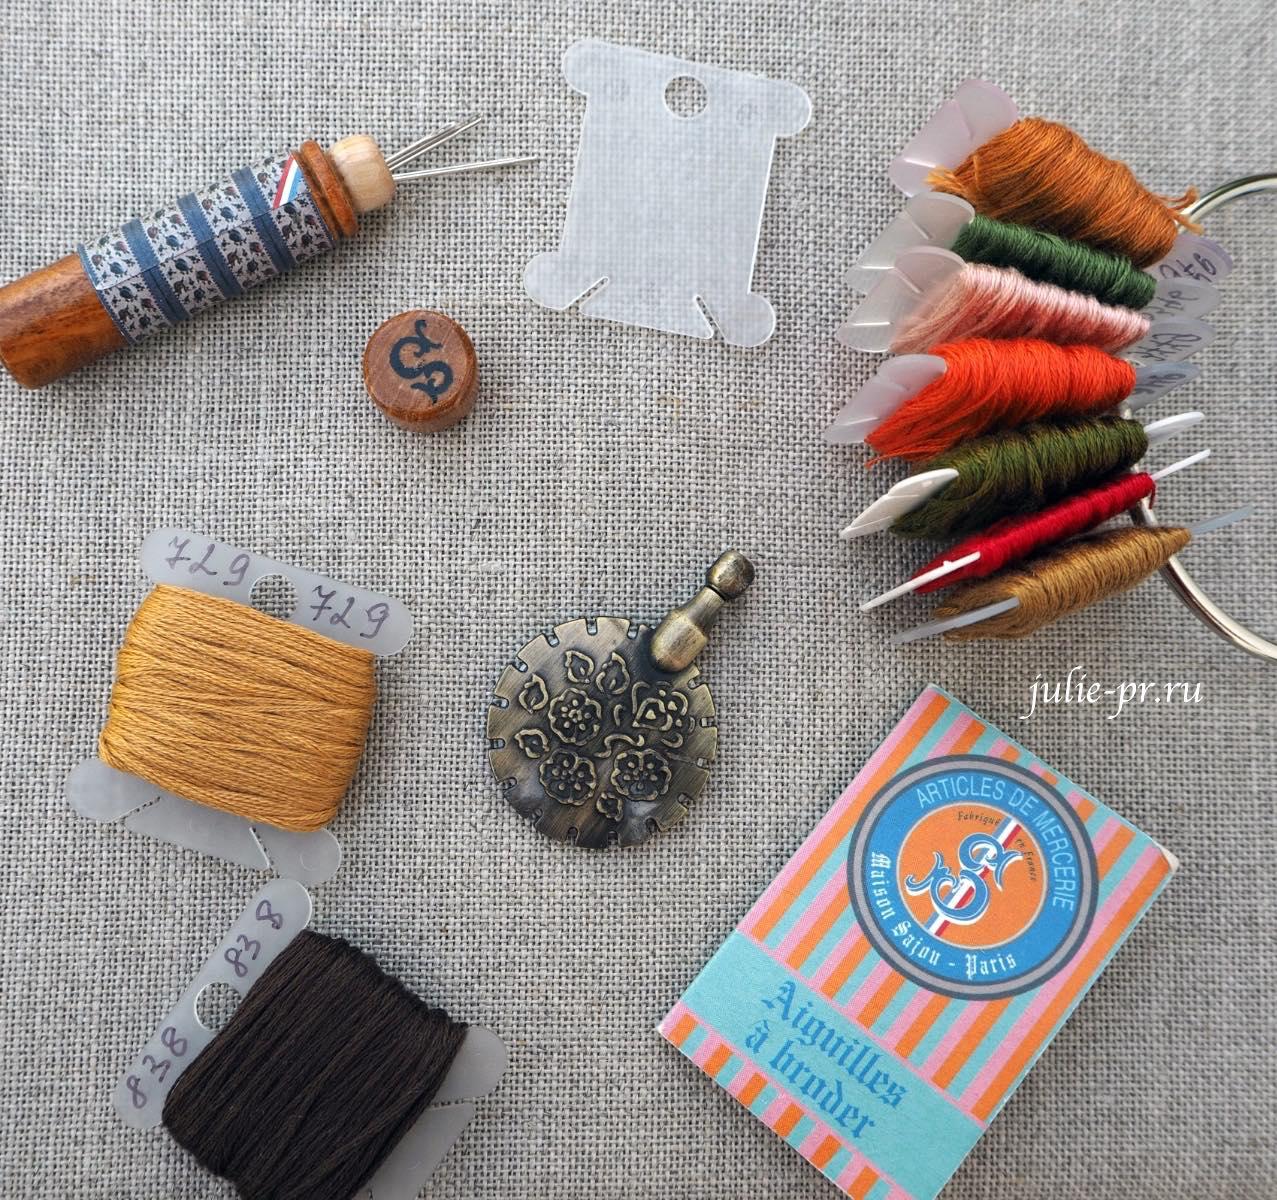 аксессуары для вышивки крестом, деревянный чехол для игл Sajou, бобинки для мулине, кольцо для мулине, резак для ниток RTO, иглы №28 Sajou